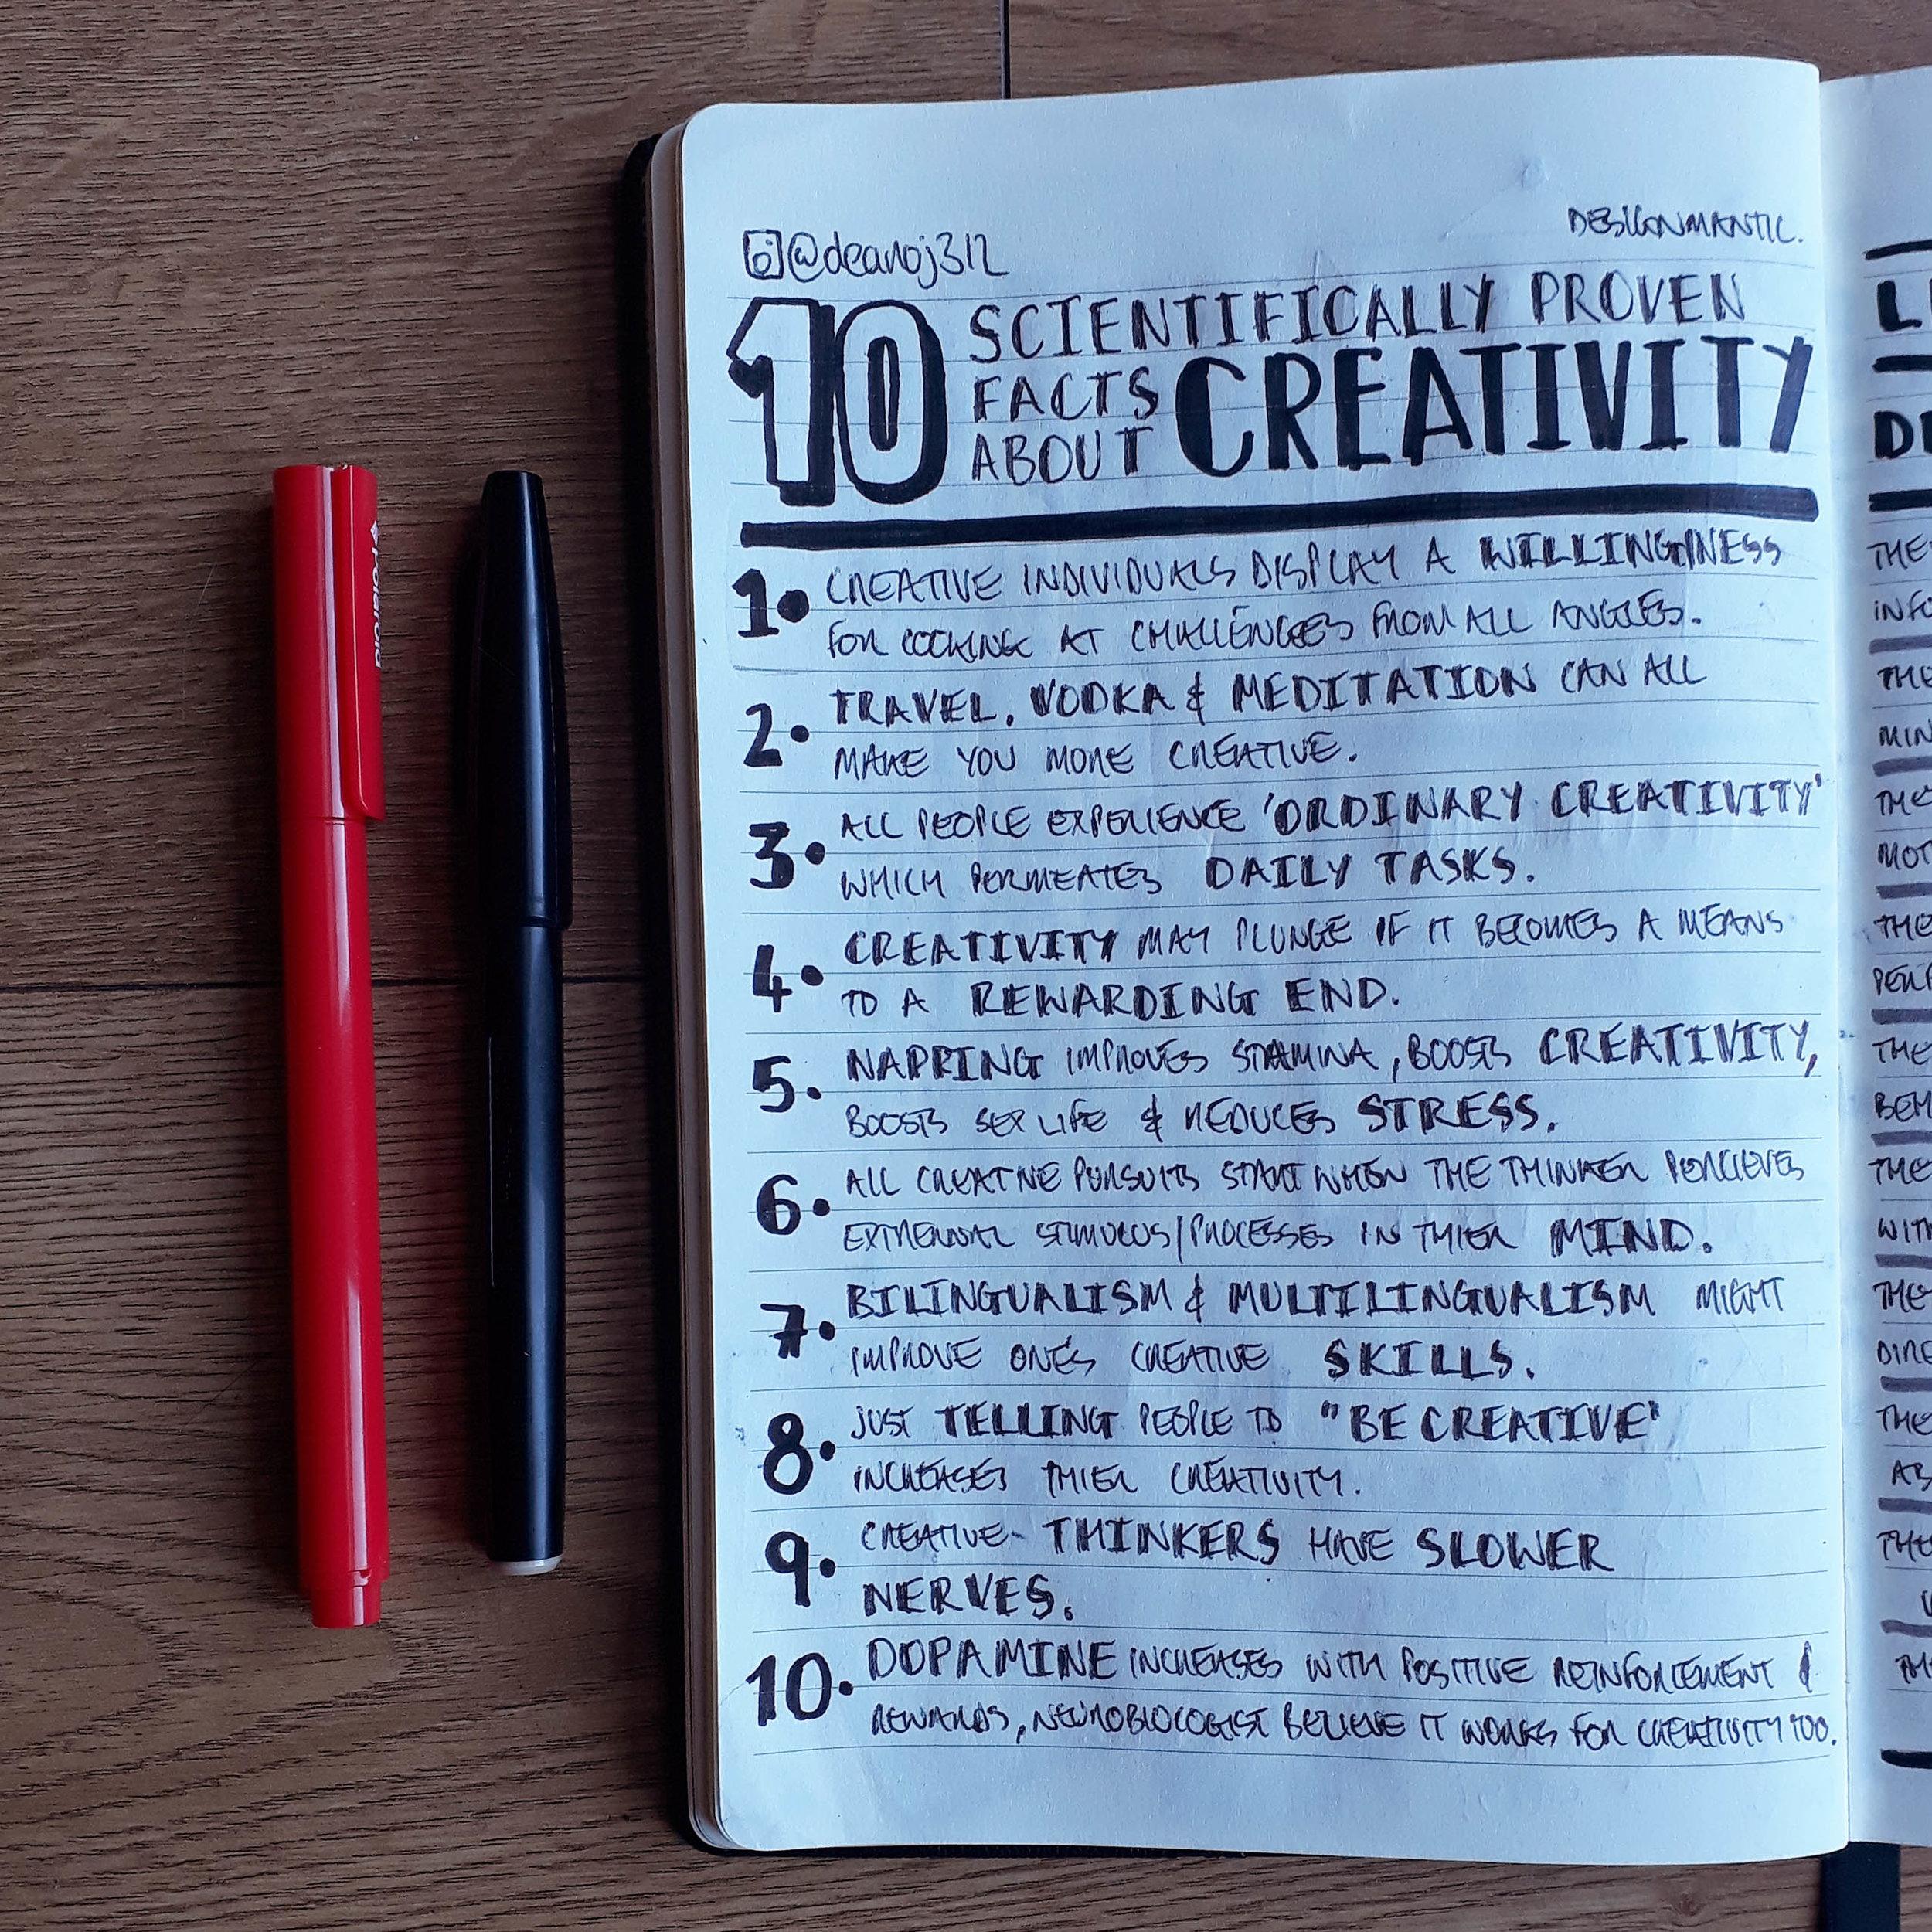 10ScientificallyProvenFactsAboutCreativity1.jpg